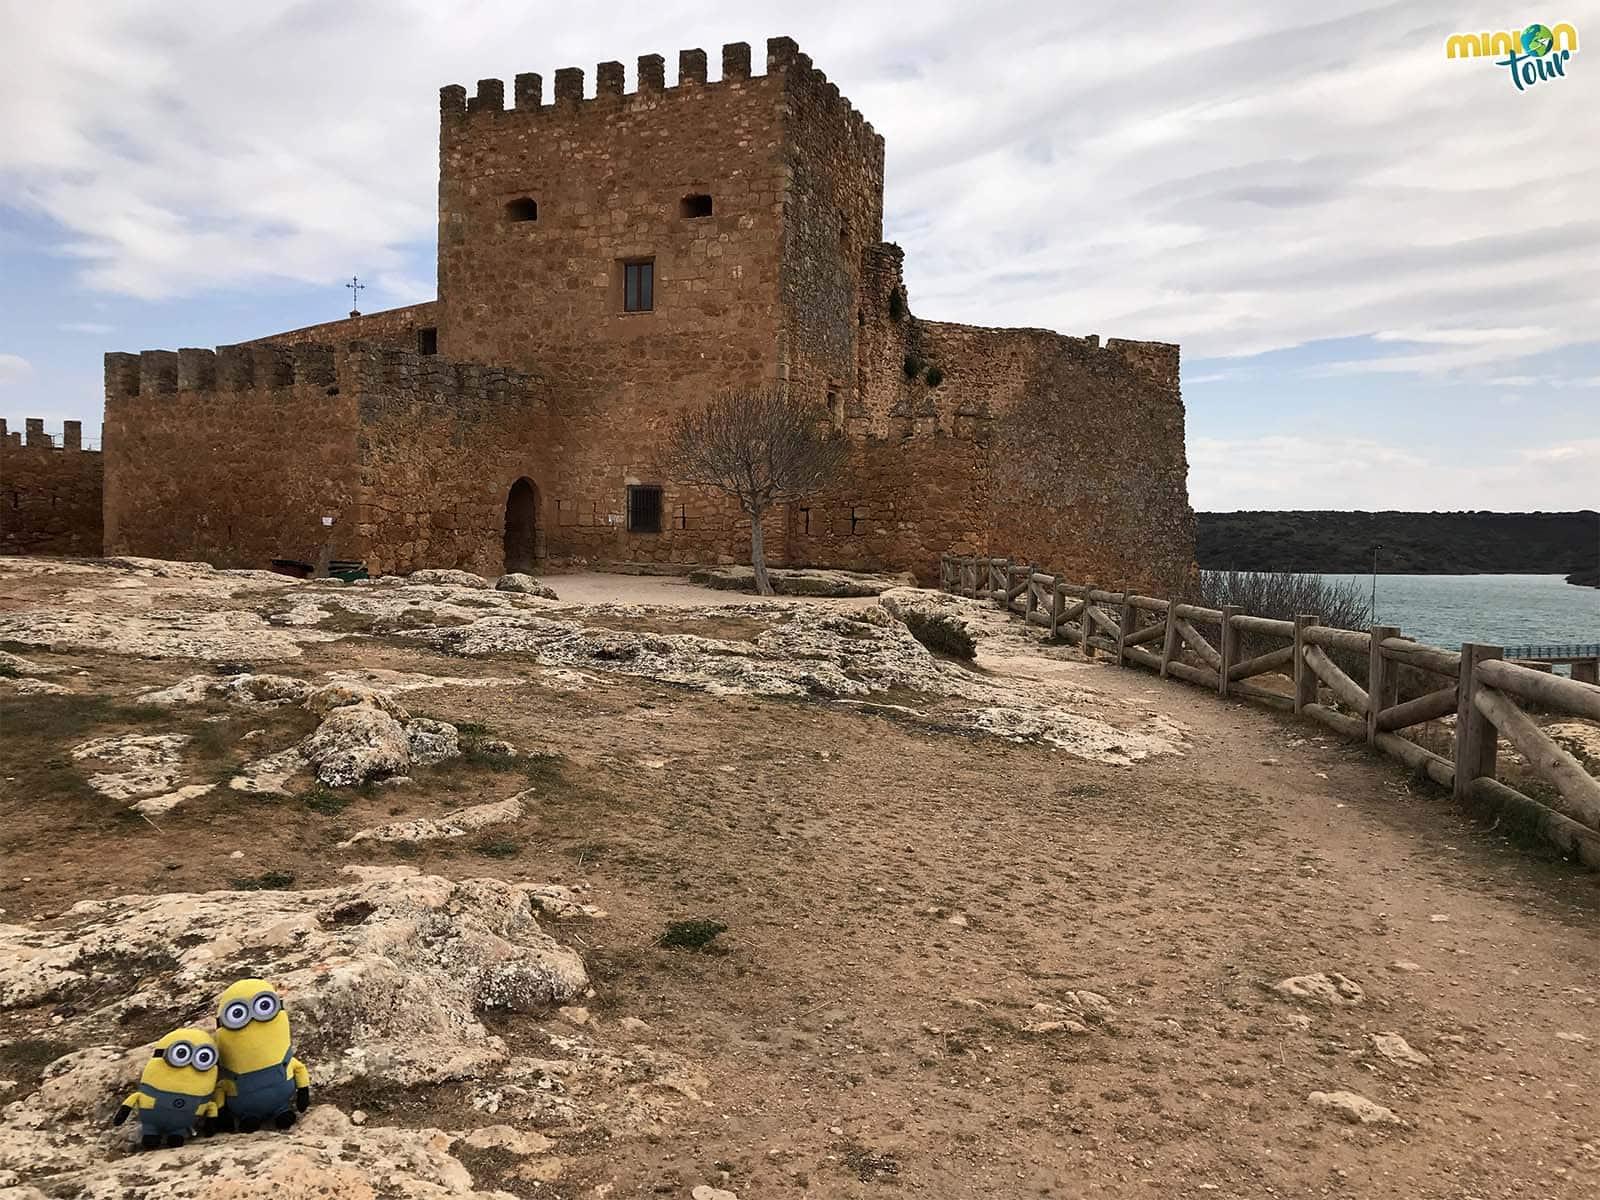 El Castillo de Peñarroya en el Parque Natural de las Lagunas de Ruidera